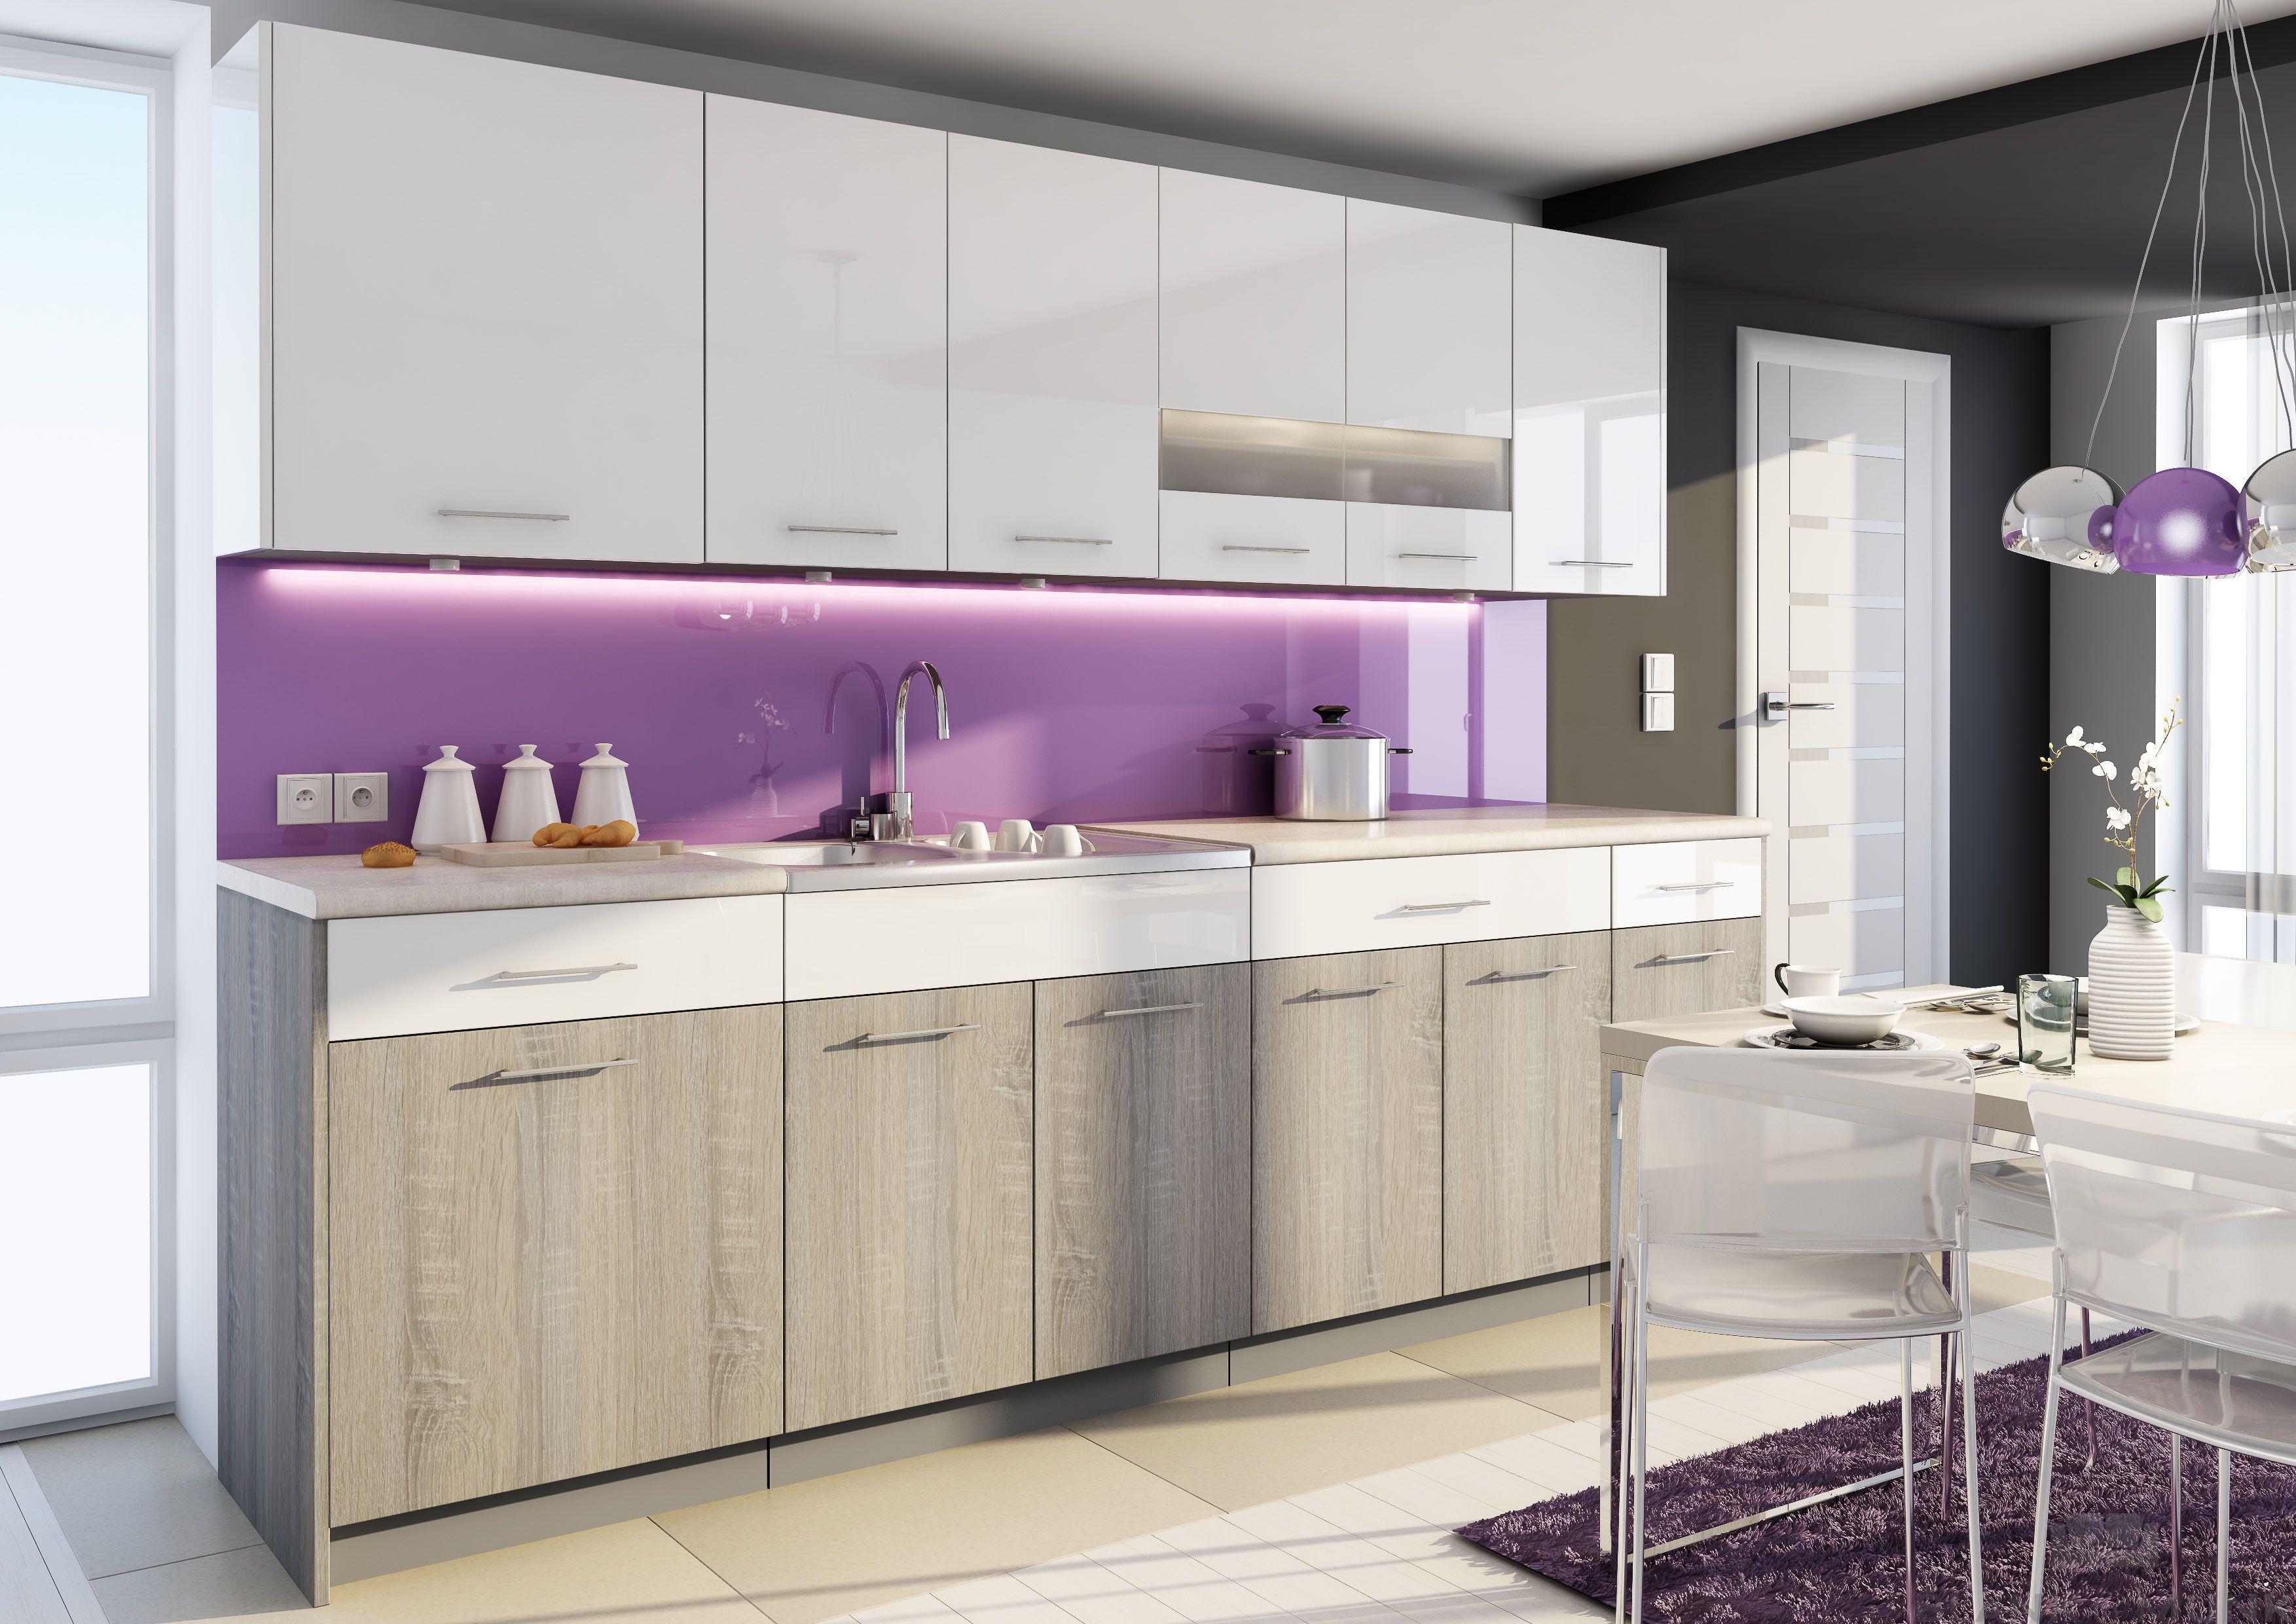 Kabinet Dapur Atas 39 Foto Lebar Dapur Dengan Kabinet Tinggi Gabungan Warna Kabinet Yang Lebih Rendah